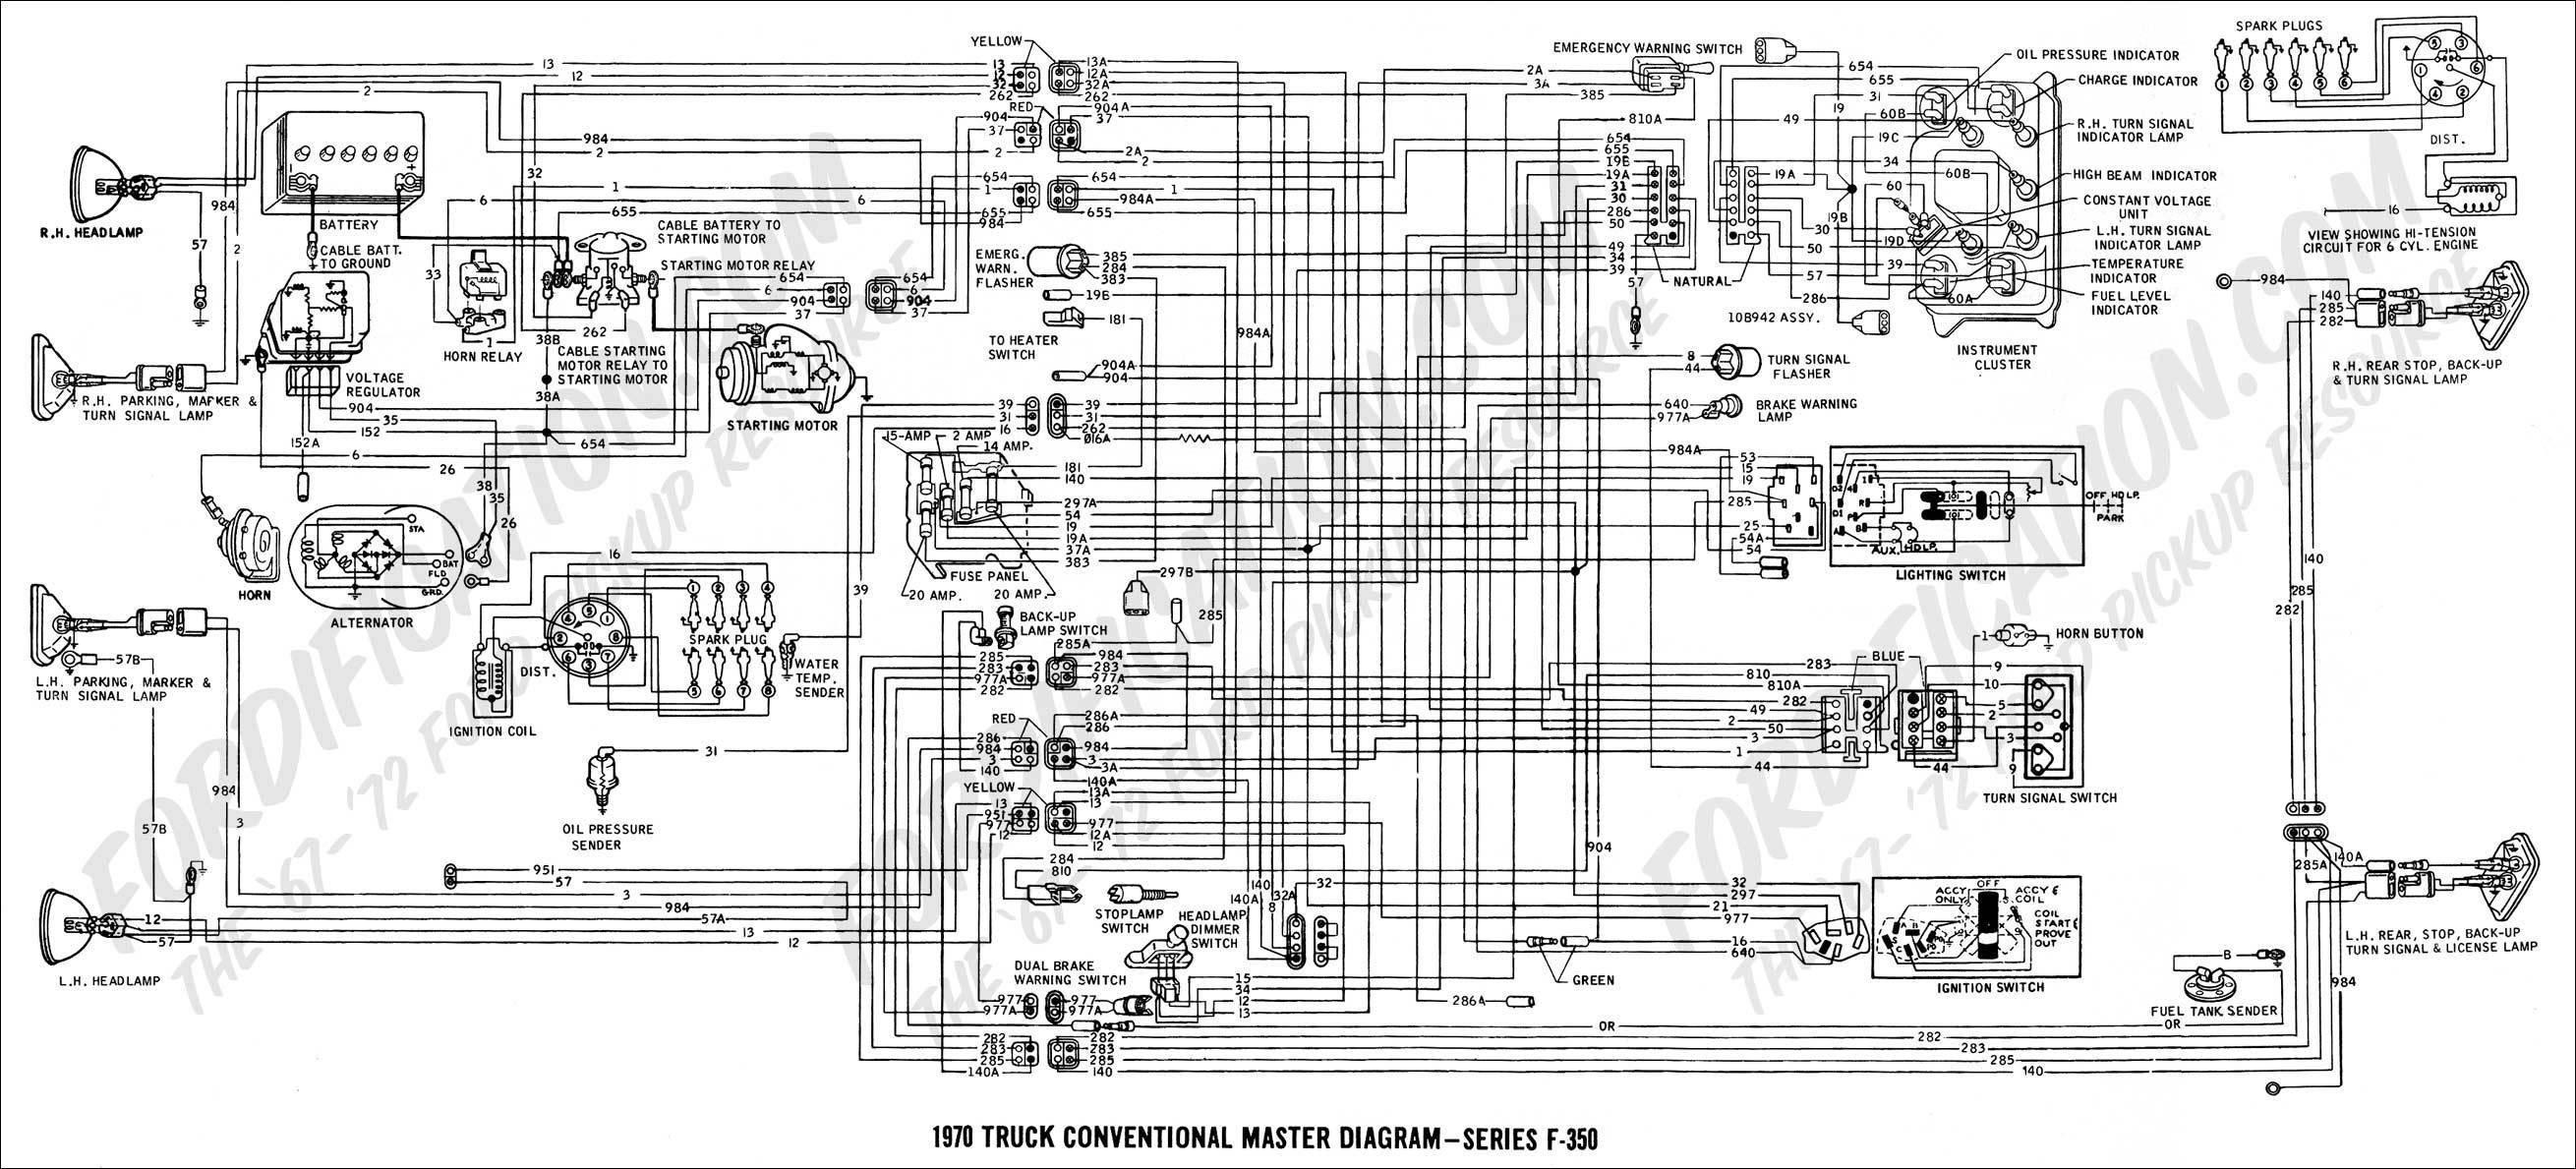 1997 ford F150 Wiring Diagram 1996 ford F 350 Dash Wiring Diagram Smart Wiring Diagrams • Of 1997 ford F150 Wiring Diagram